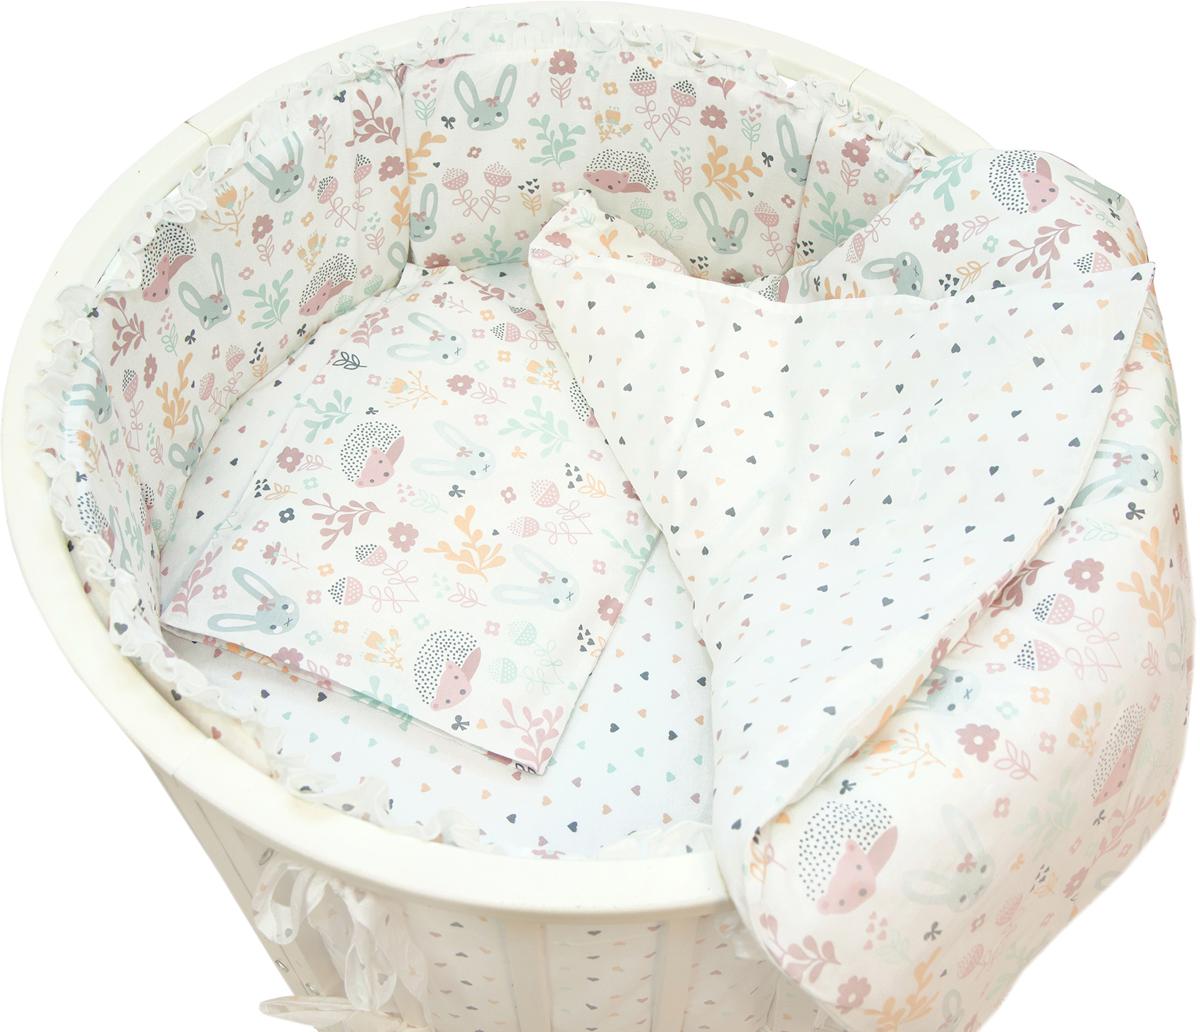 Baby Nice Борт комбинированный Лесная поляна цвет белый бежевый 2 шт S833/1 -  Бортики, бамперы